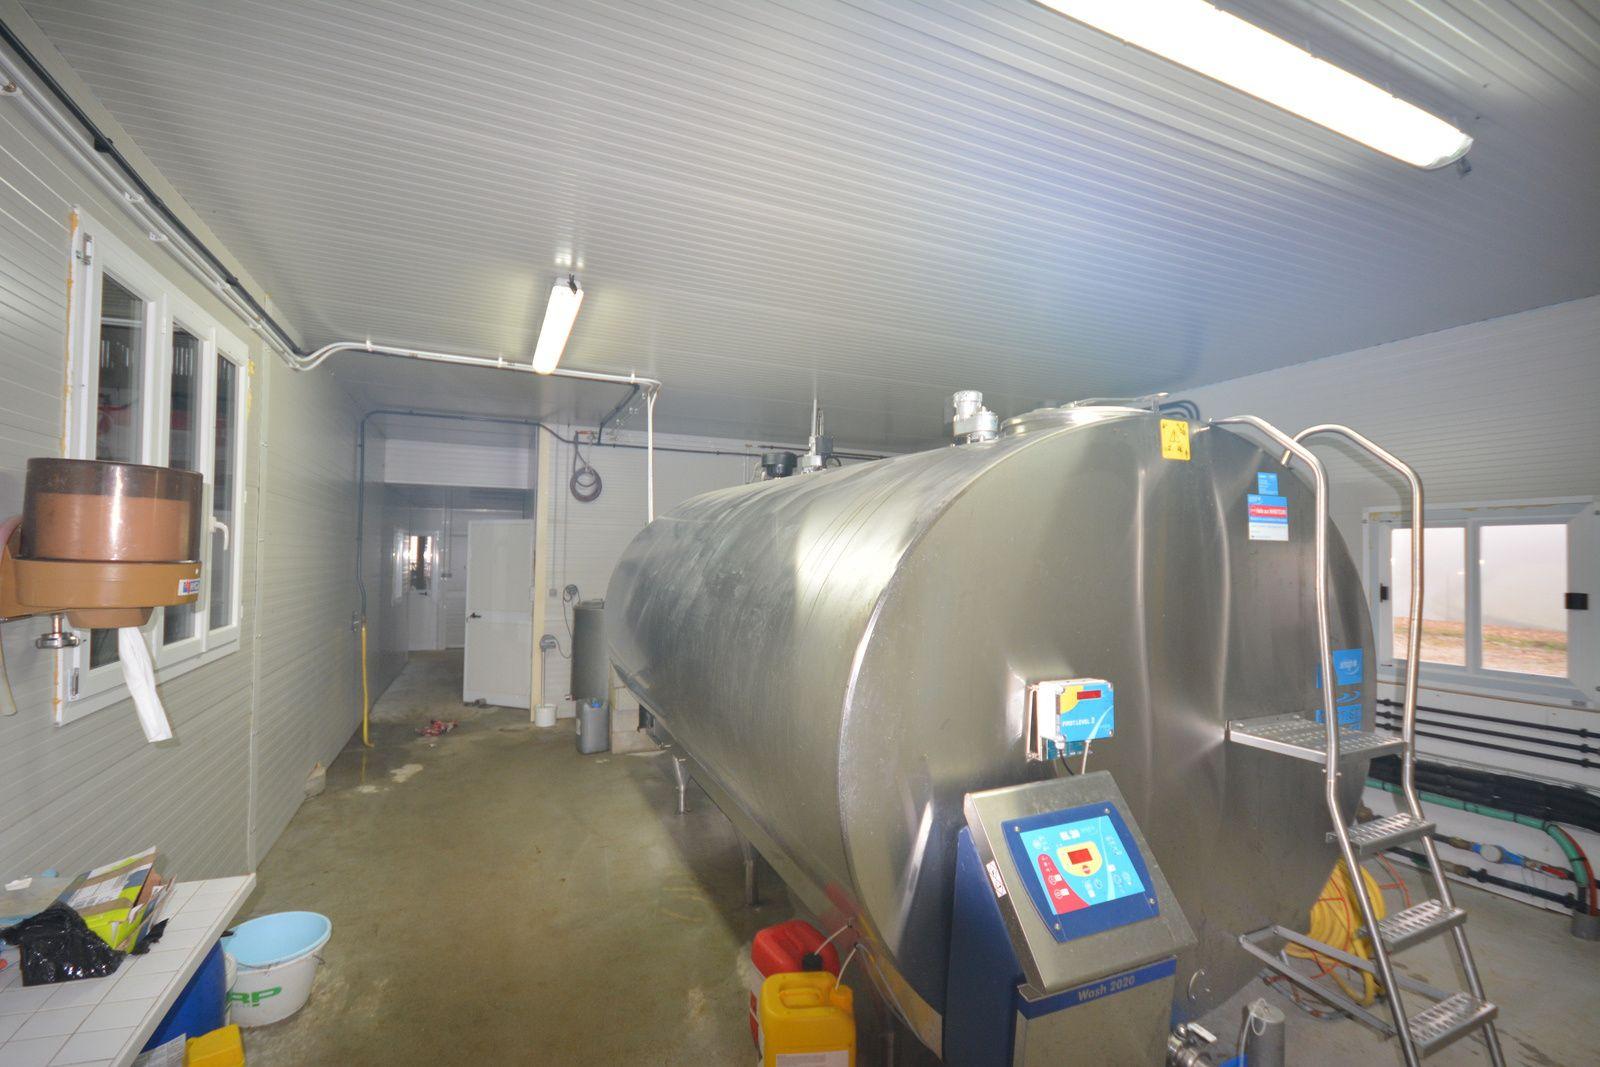 Vitrac 15220 salle de traite robot de traite et laiterie stm modules bureaux et - Salle de l esprit et du temps ...